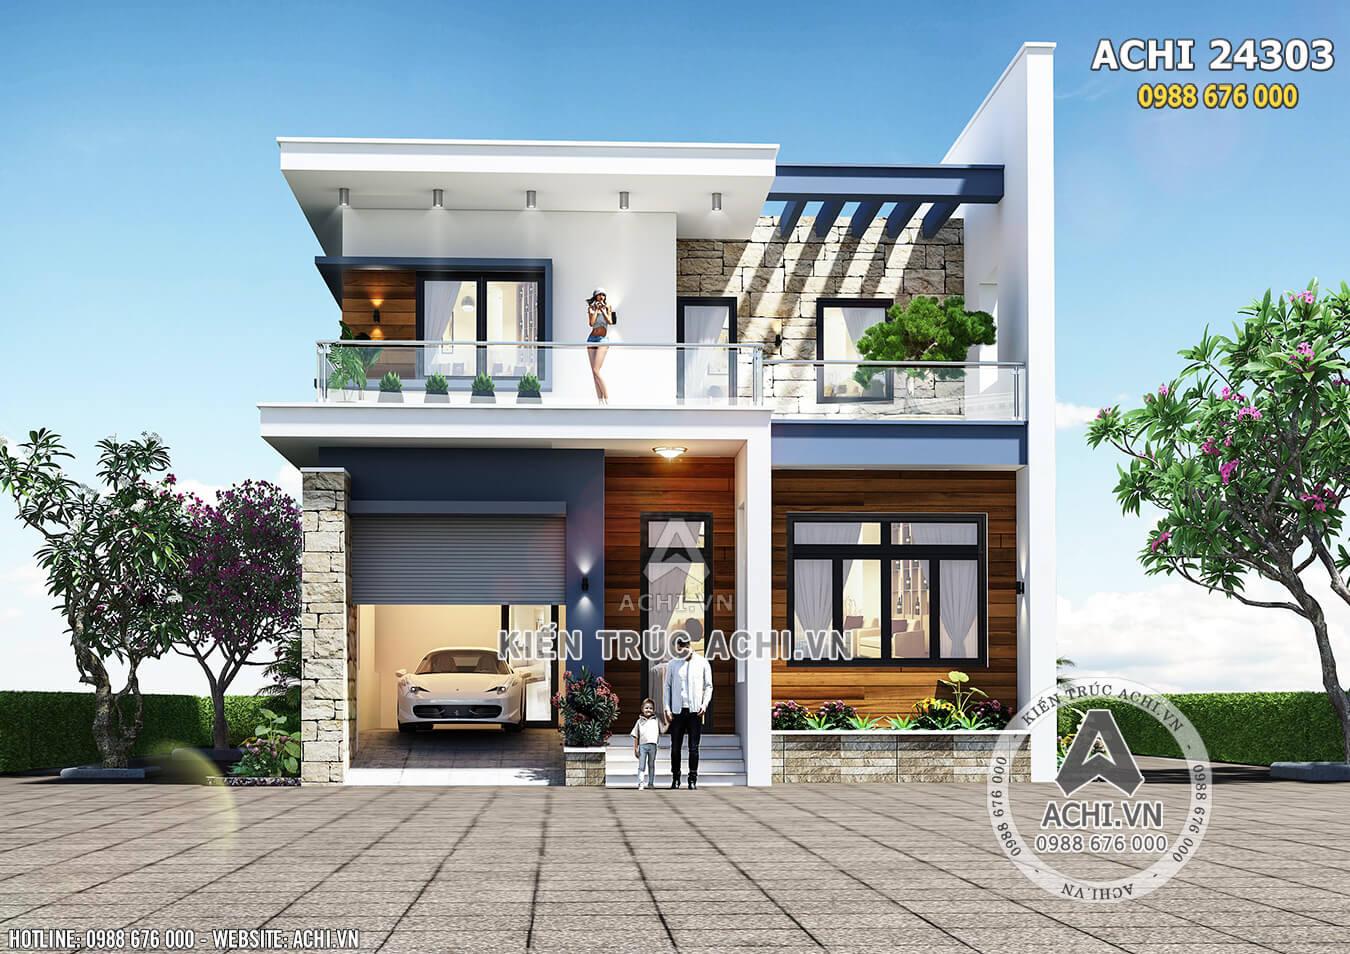 Phối cảnh 3D mặt tiền mẫu nhà 2 tầng hiện đại đơn giản đẹp tiết kiệm chi phí